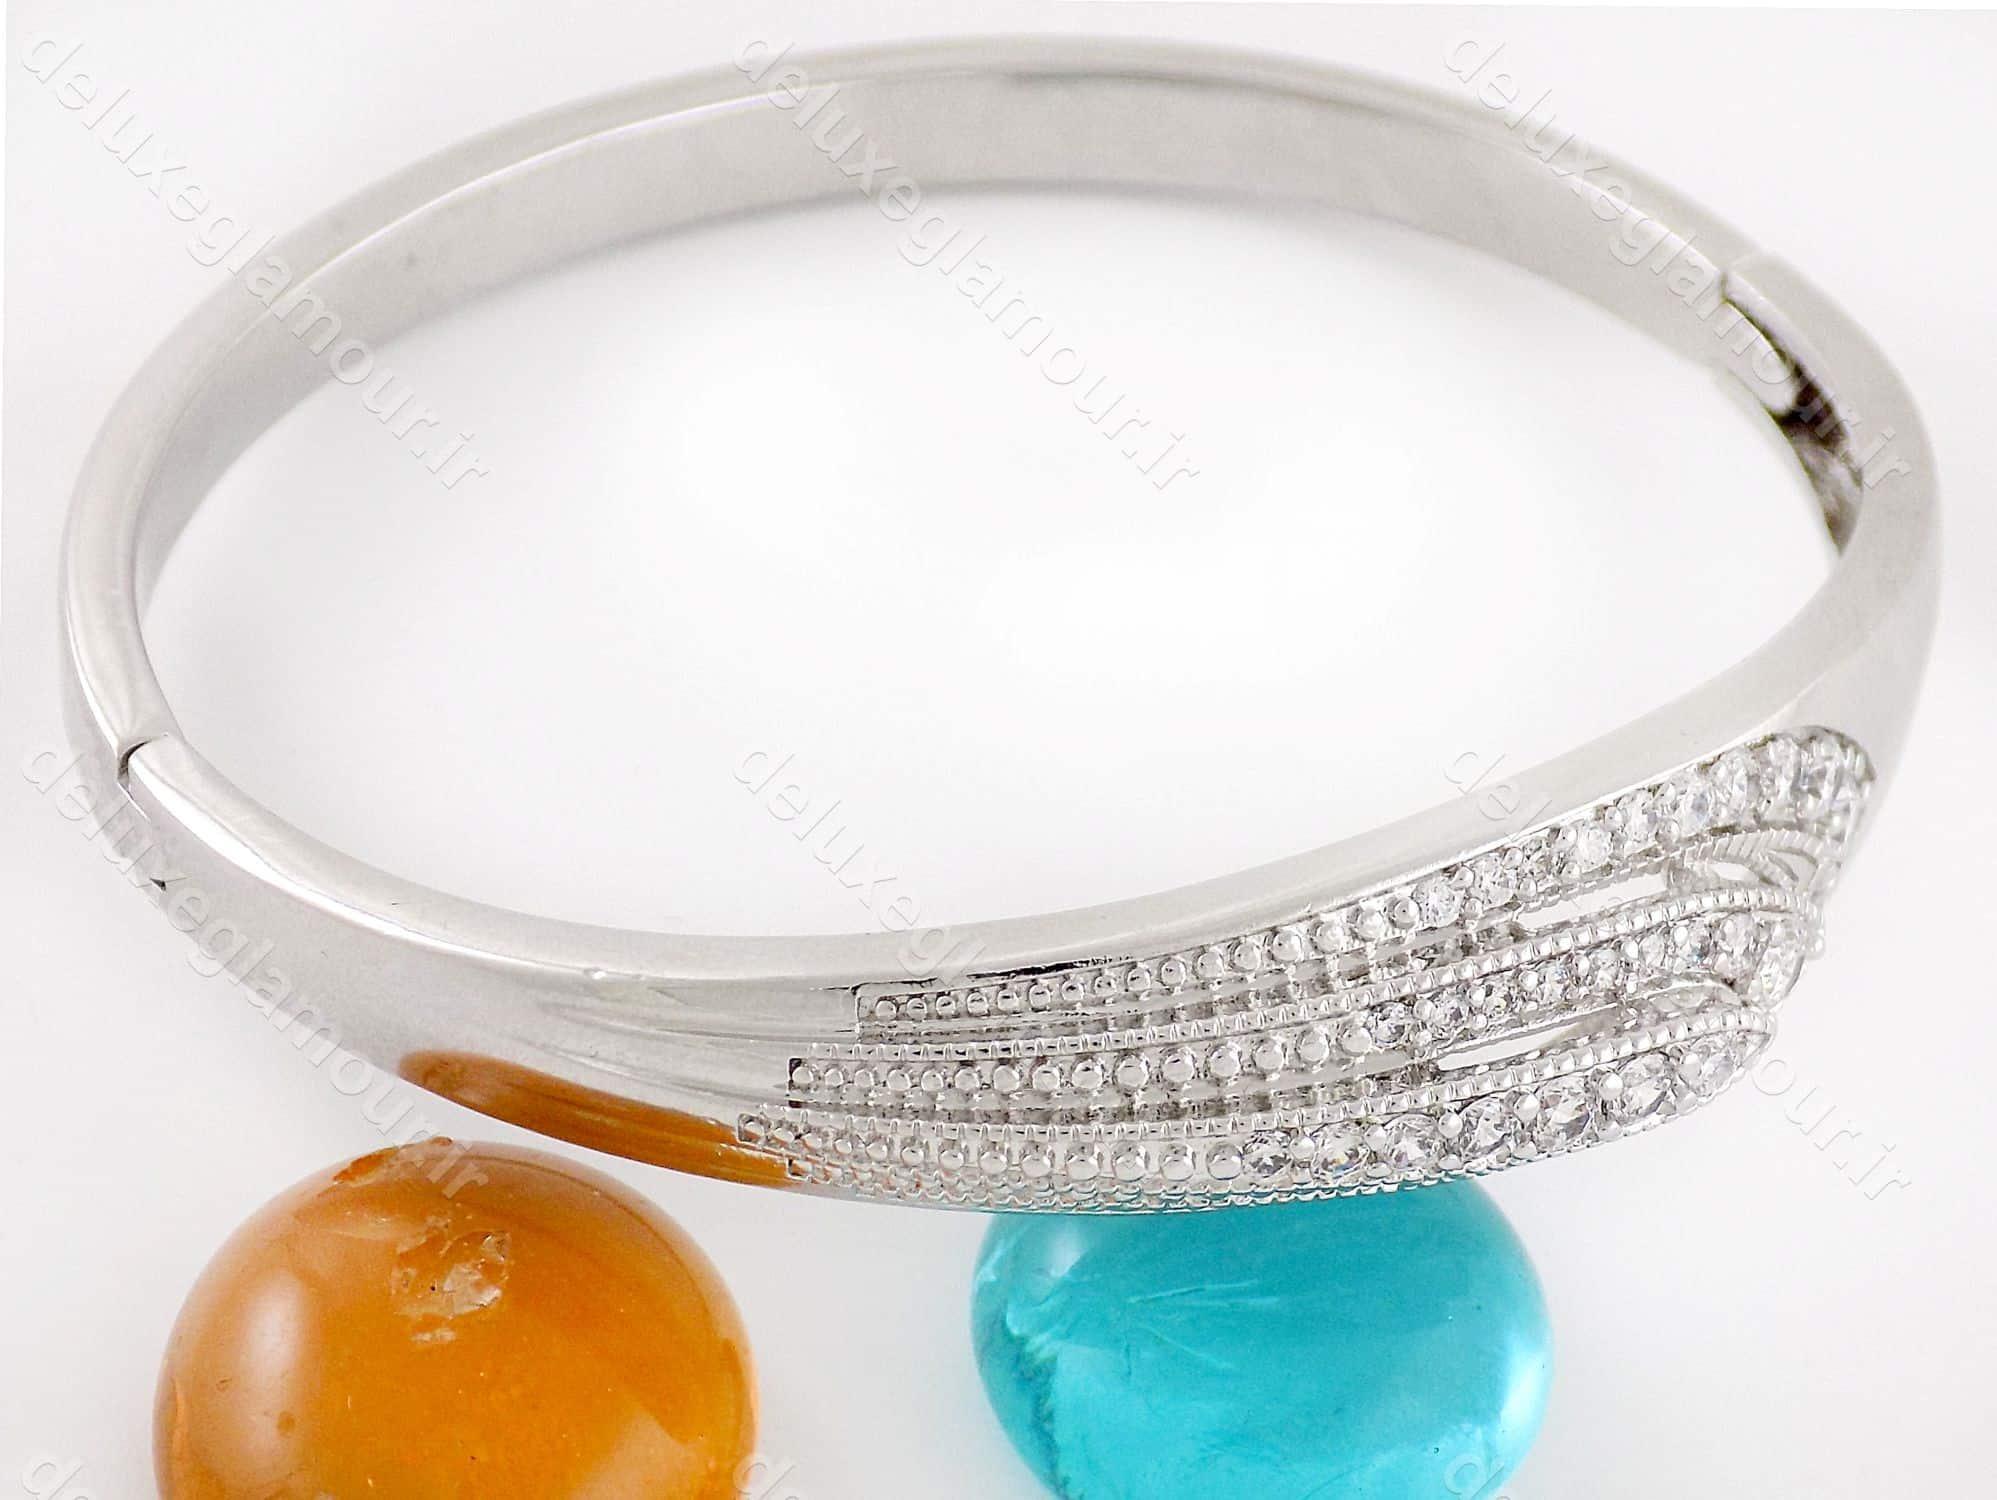 دستبند زنانه ژوپینگ با روکش ردایوم و نگین های کریستالی زیرکونیا ds-n167